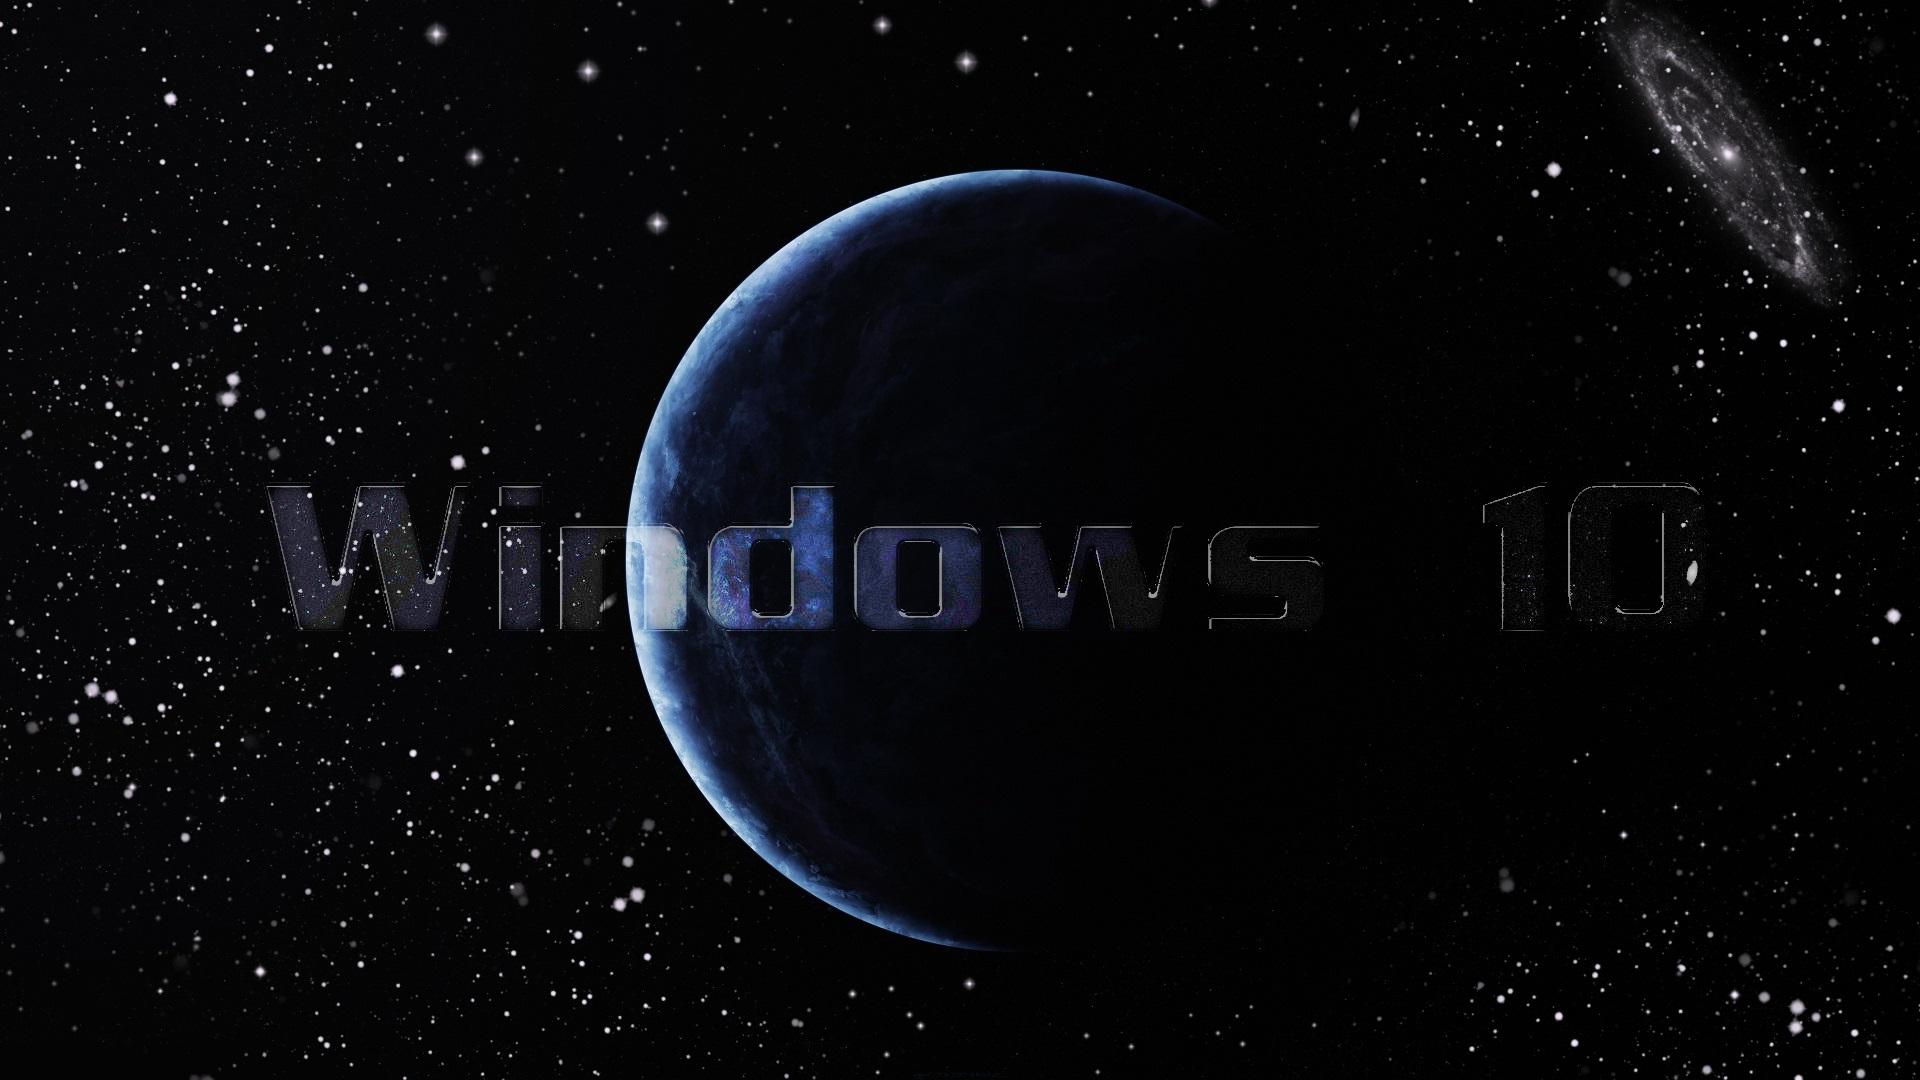 Windows 10 Desktop Is Black 18 Cool Hd Wallpaper